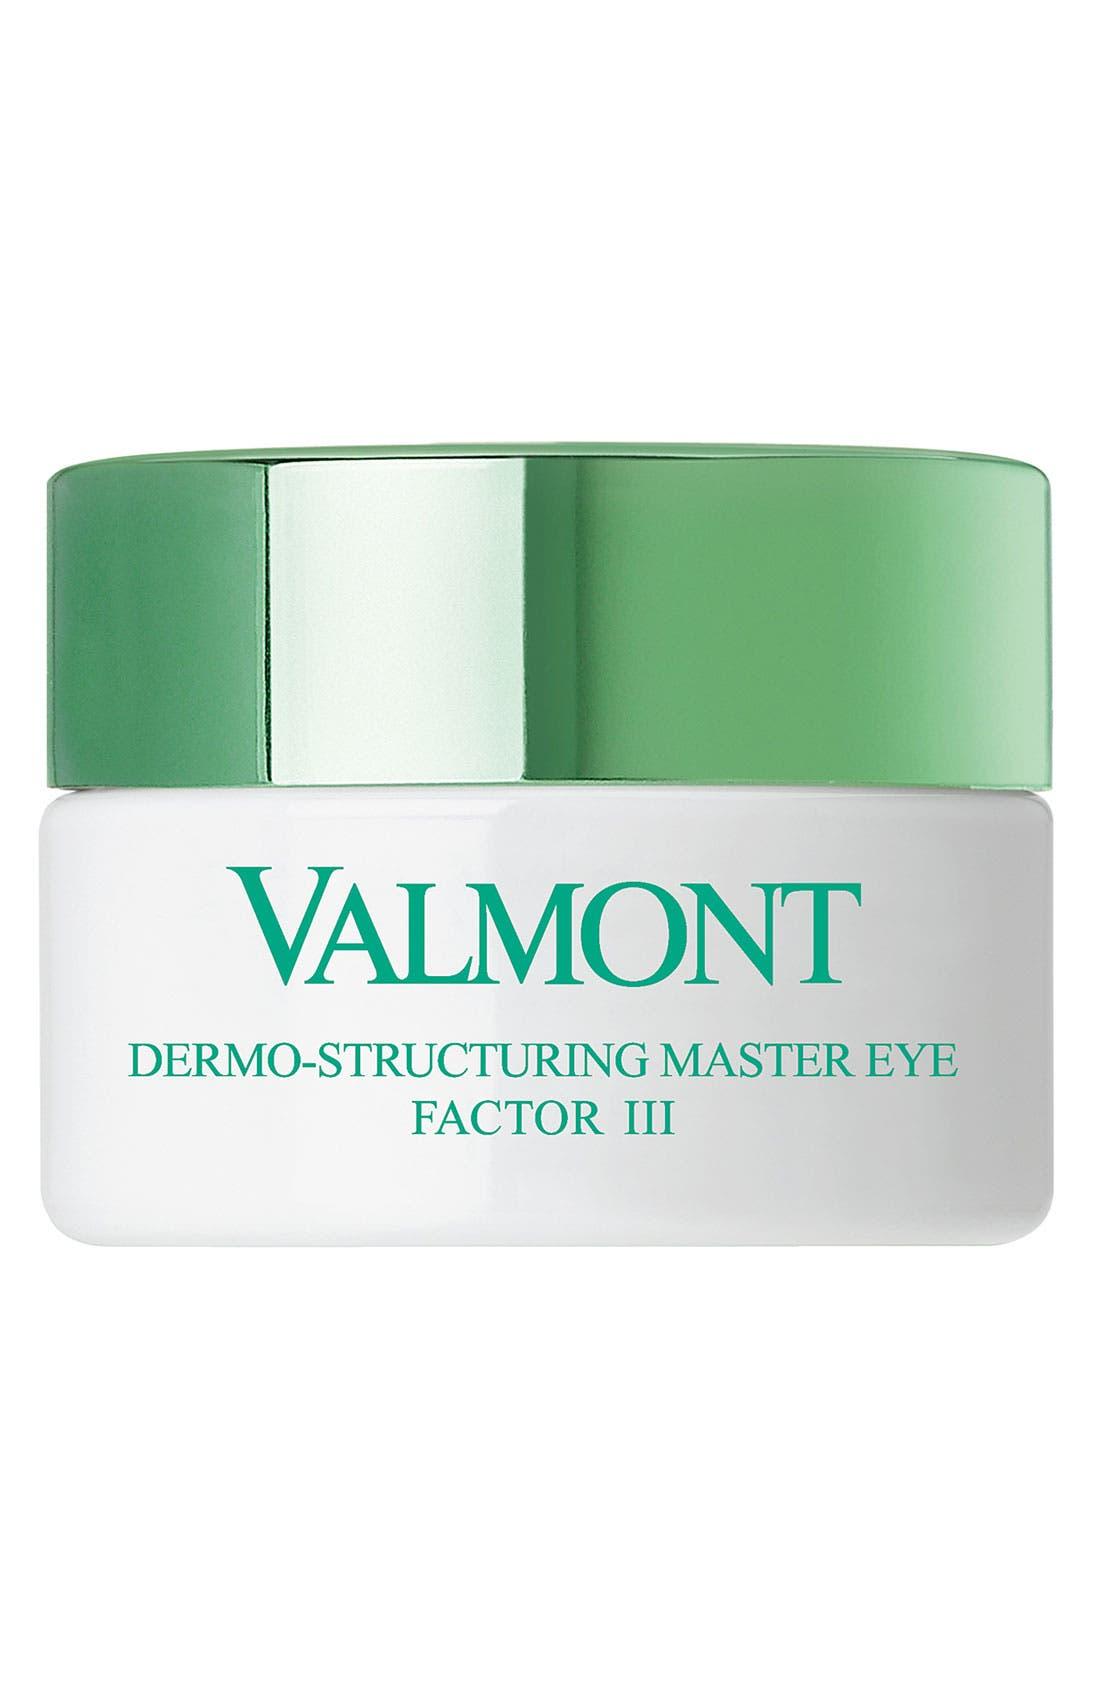 Valmont 'Dermo-Structuring Master Eye Factor III' Cream